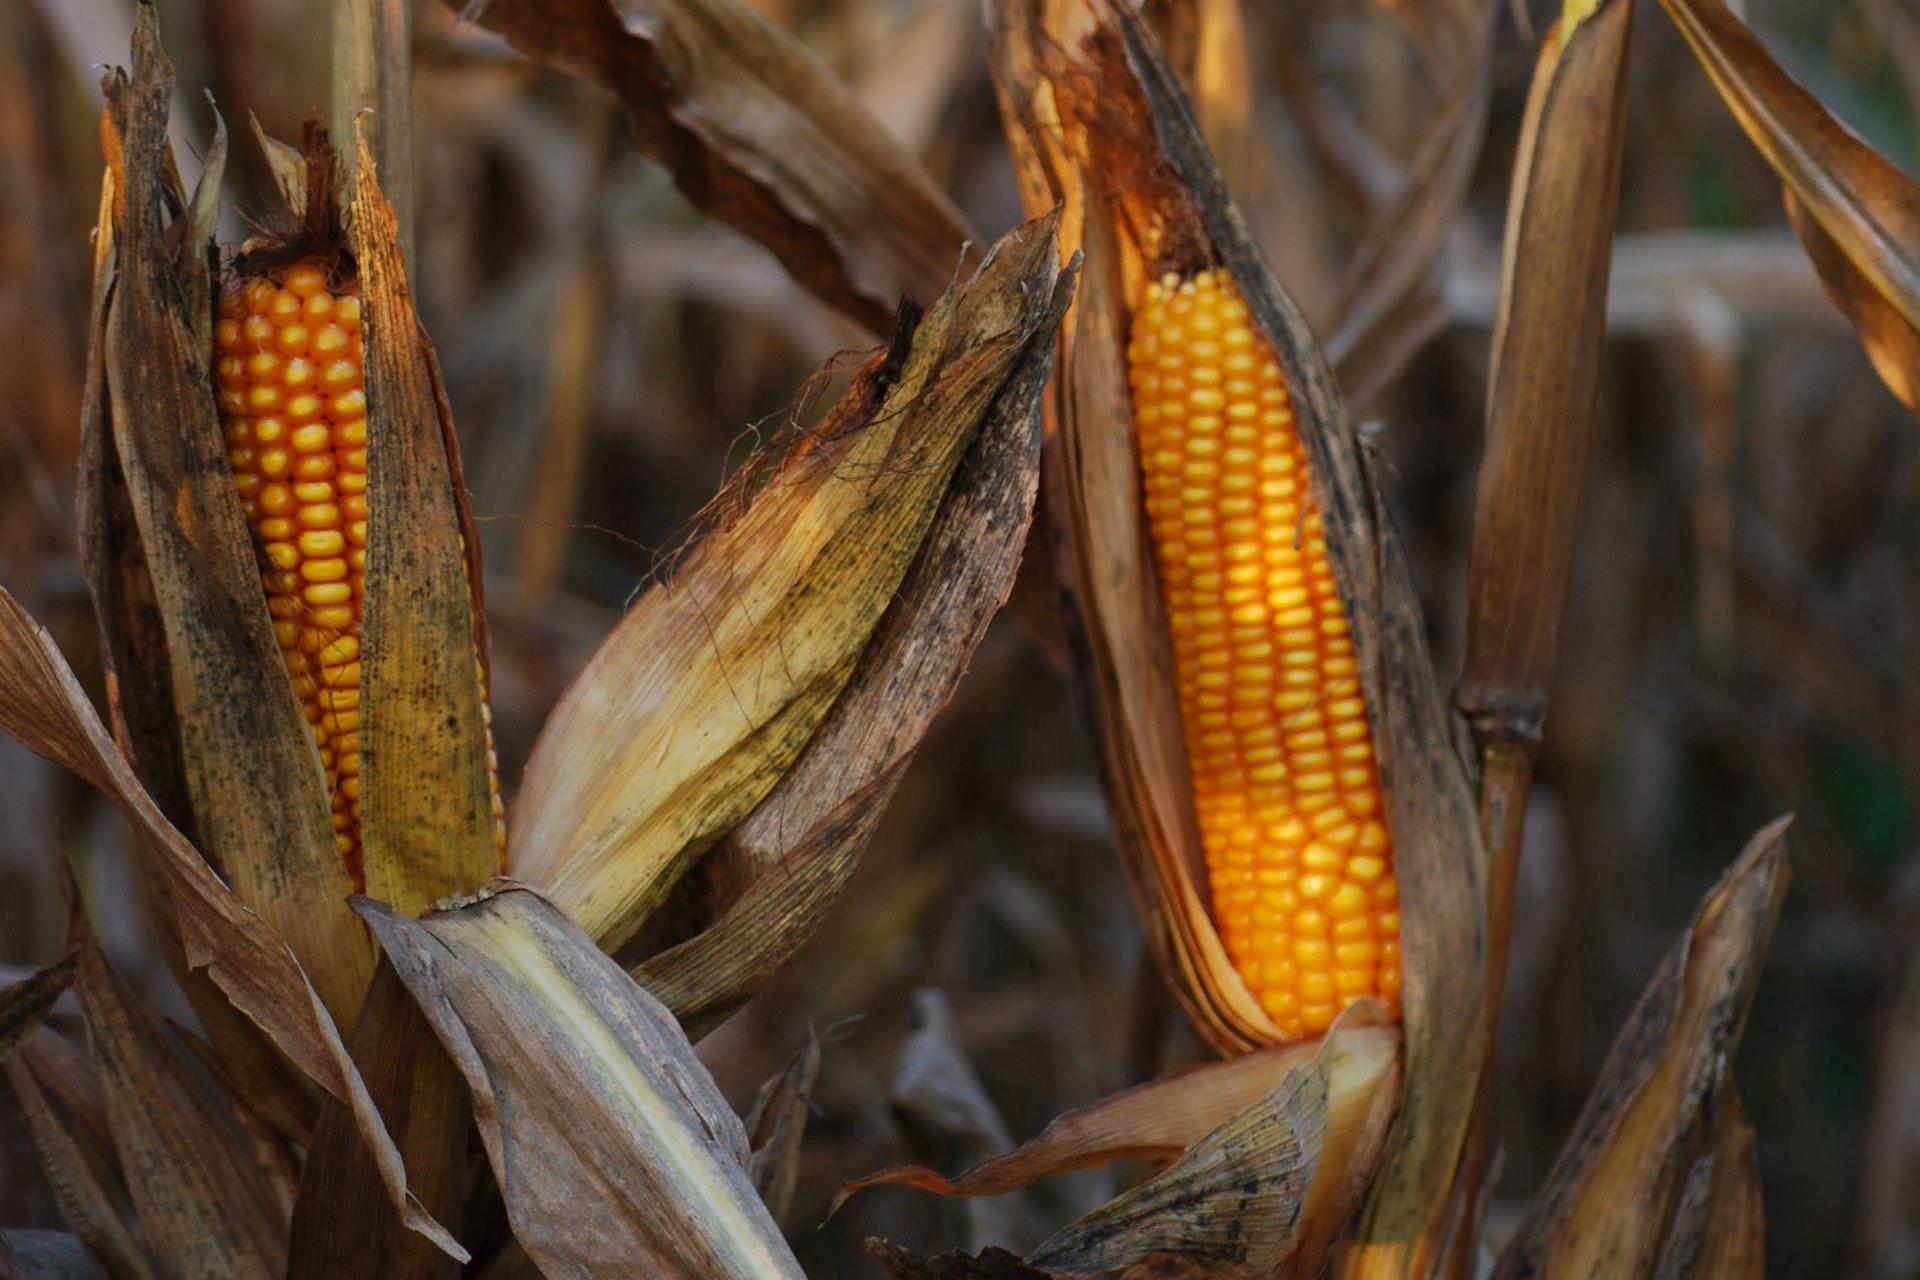 Vista ravvicinata di due pannocchie di mais per uso umano, ancora sulla pianta. I grani sono di colore arancione e sono circondati da un involucro fogliare di colore marrone scuro, come quello dei fusti secchi delle piante.